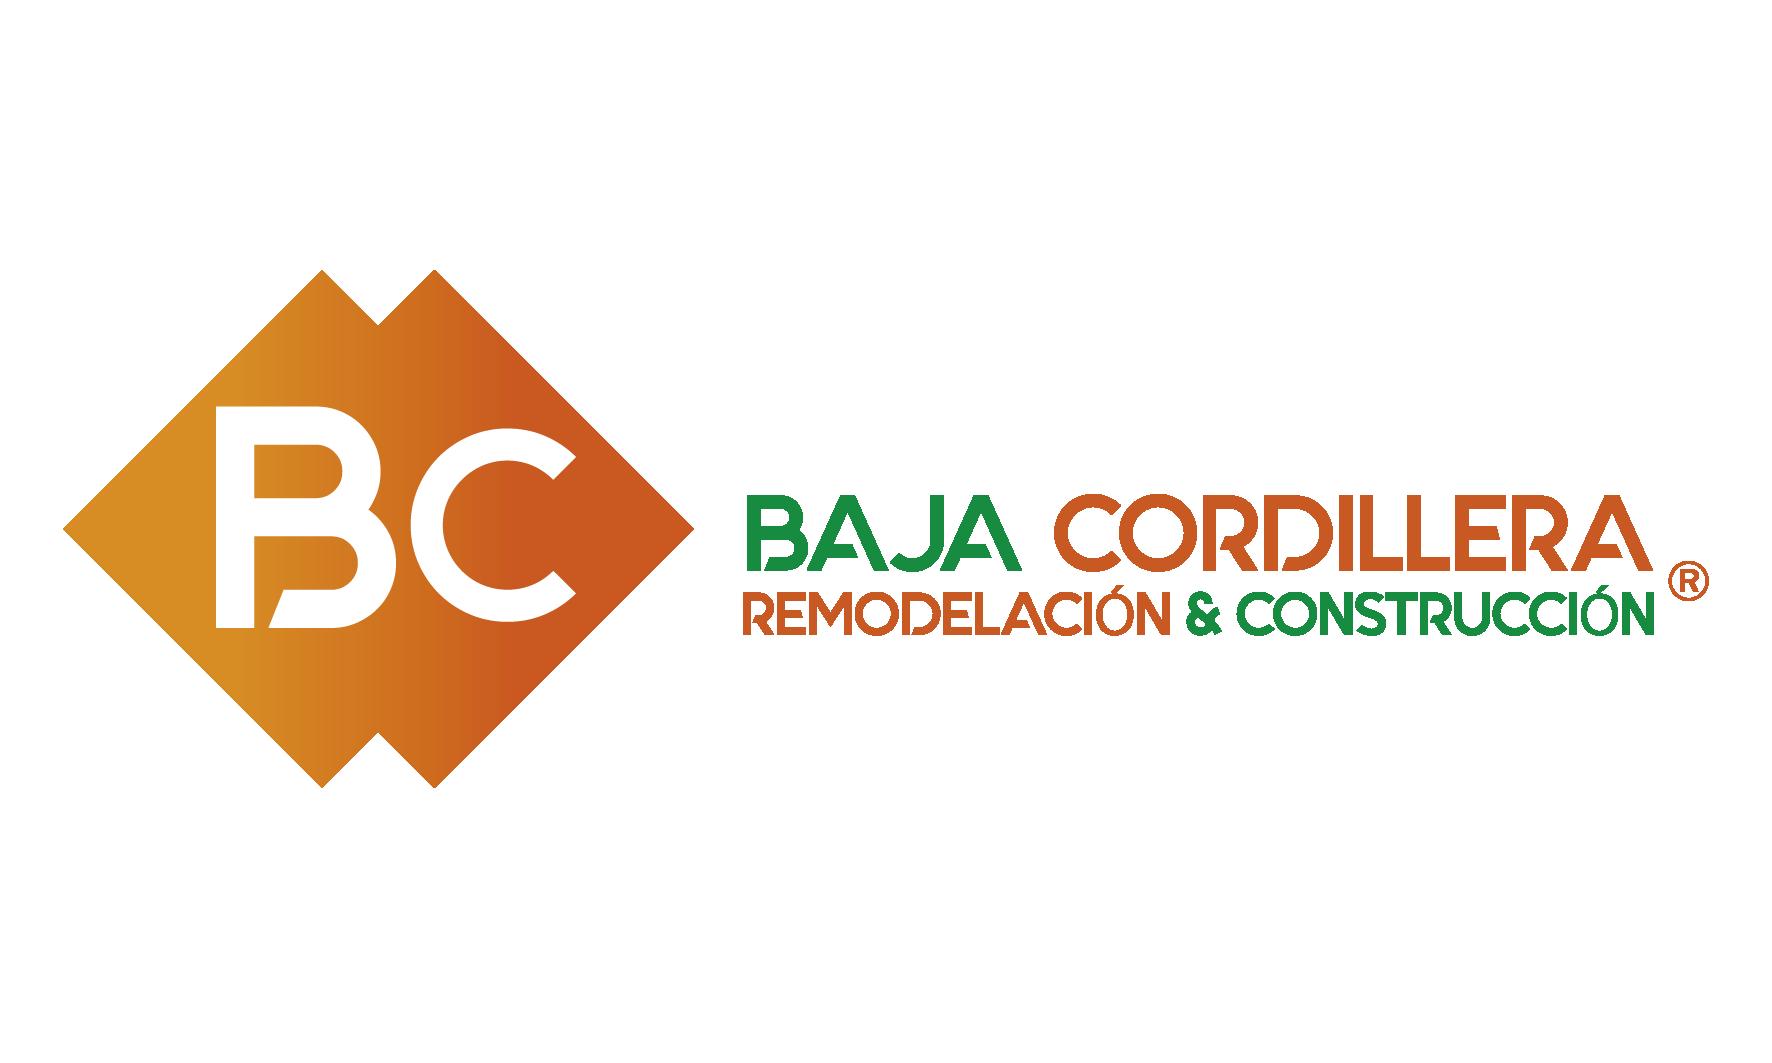 Baja Cordillera Construcción & Remodelación